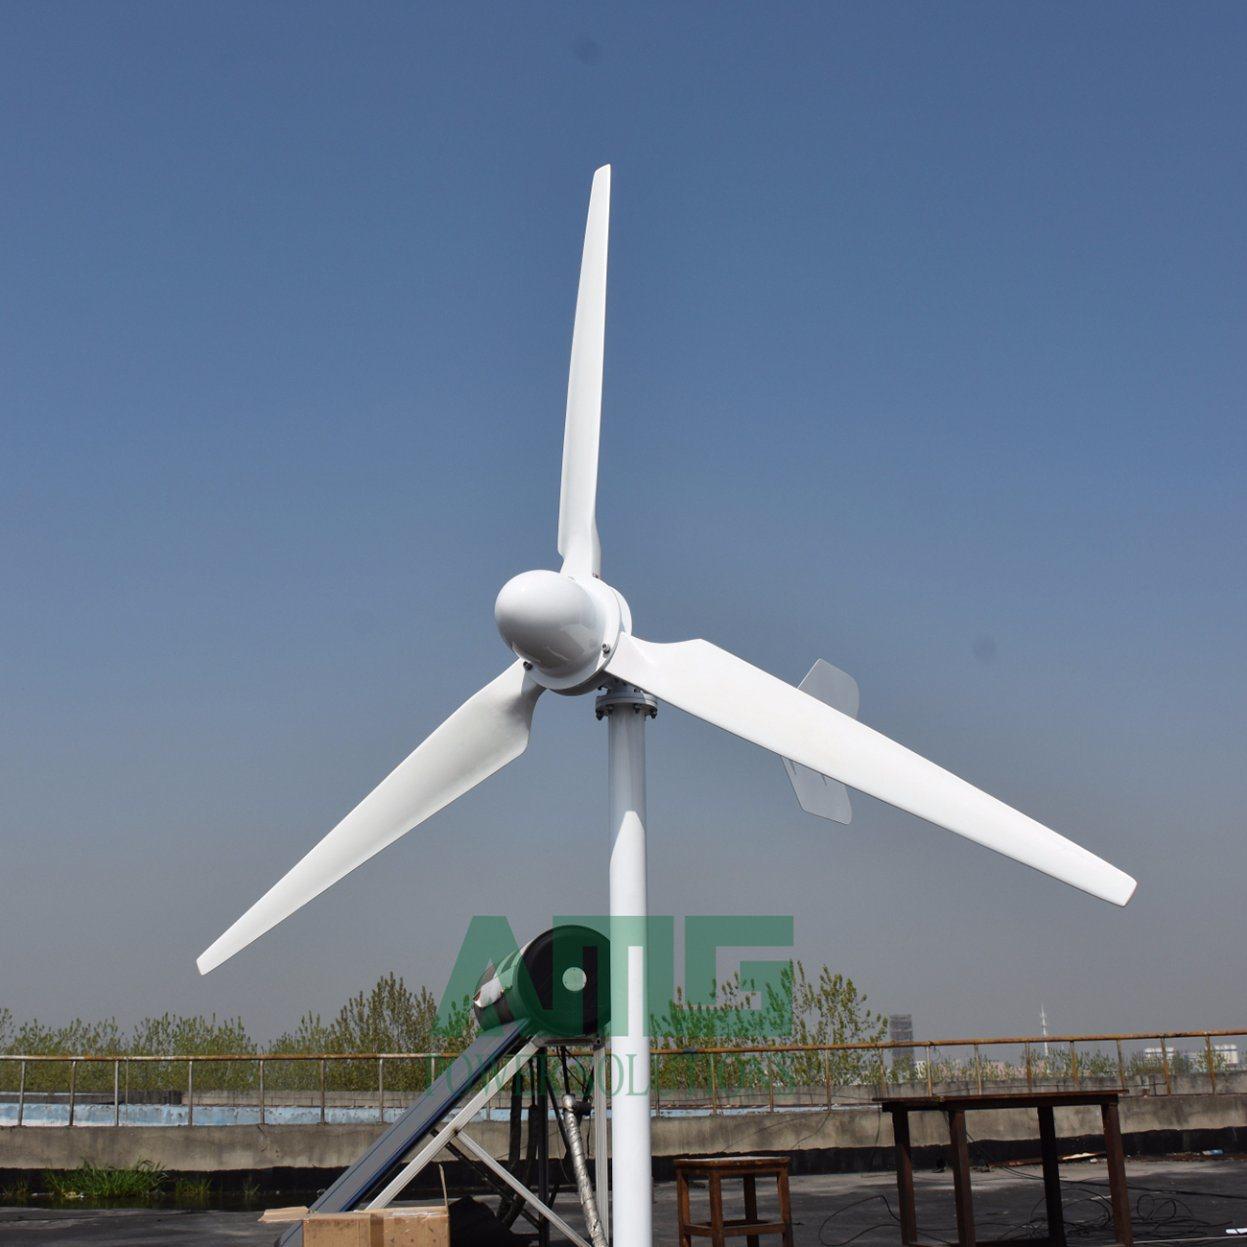 Chine 2000Watt Petite Éolienne Horizontale Pour La Maison ... dedans Petite Éolienne De Jardin